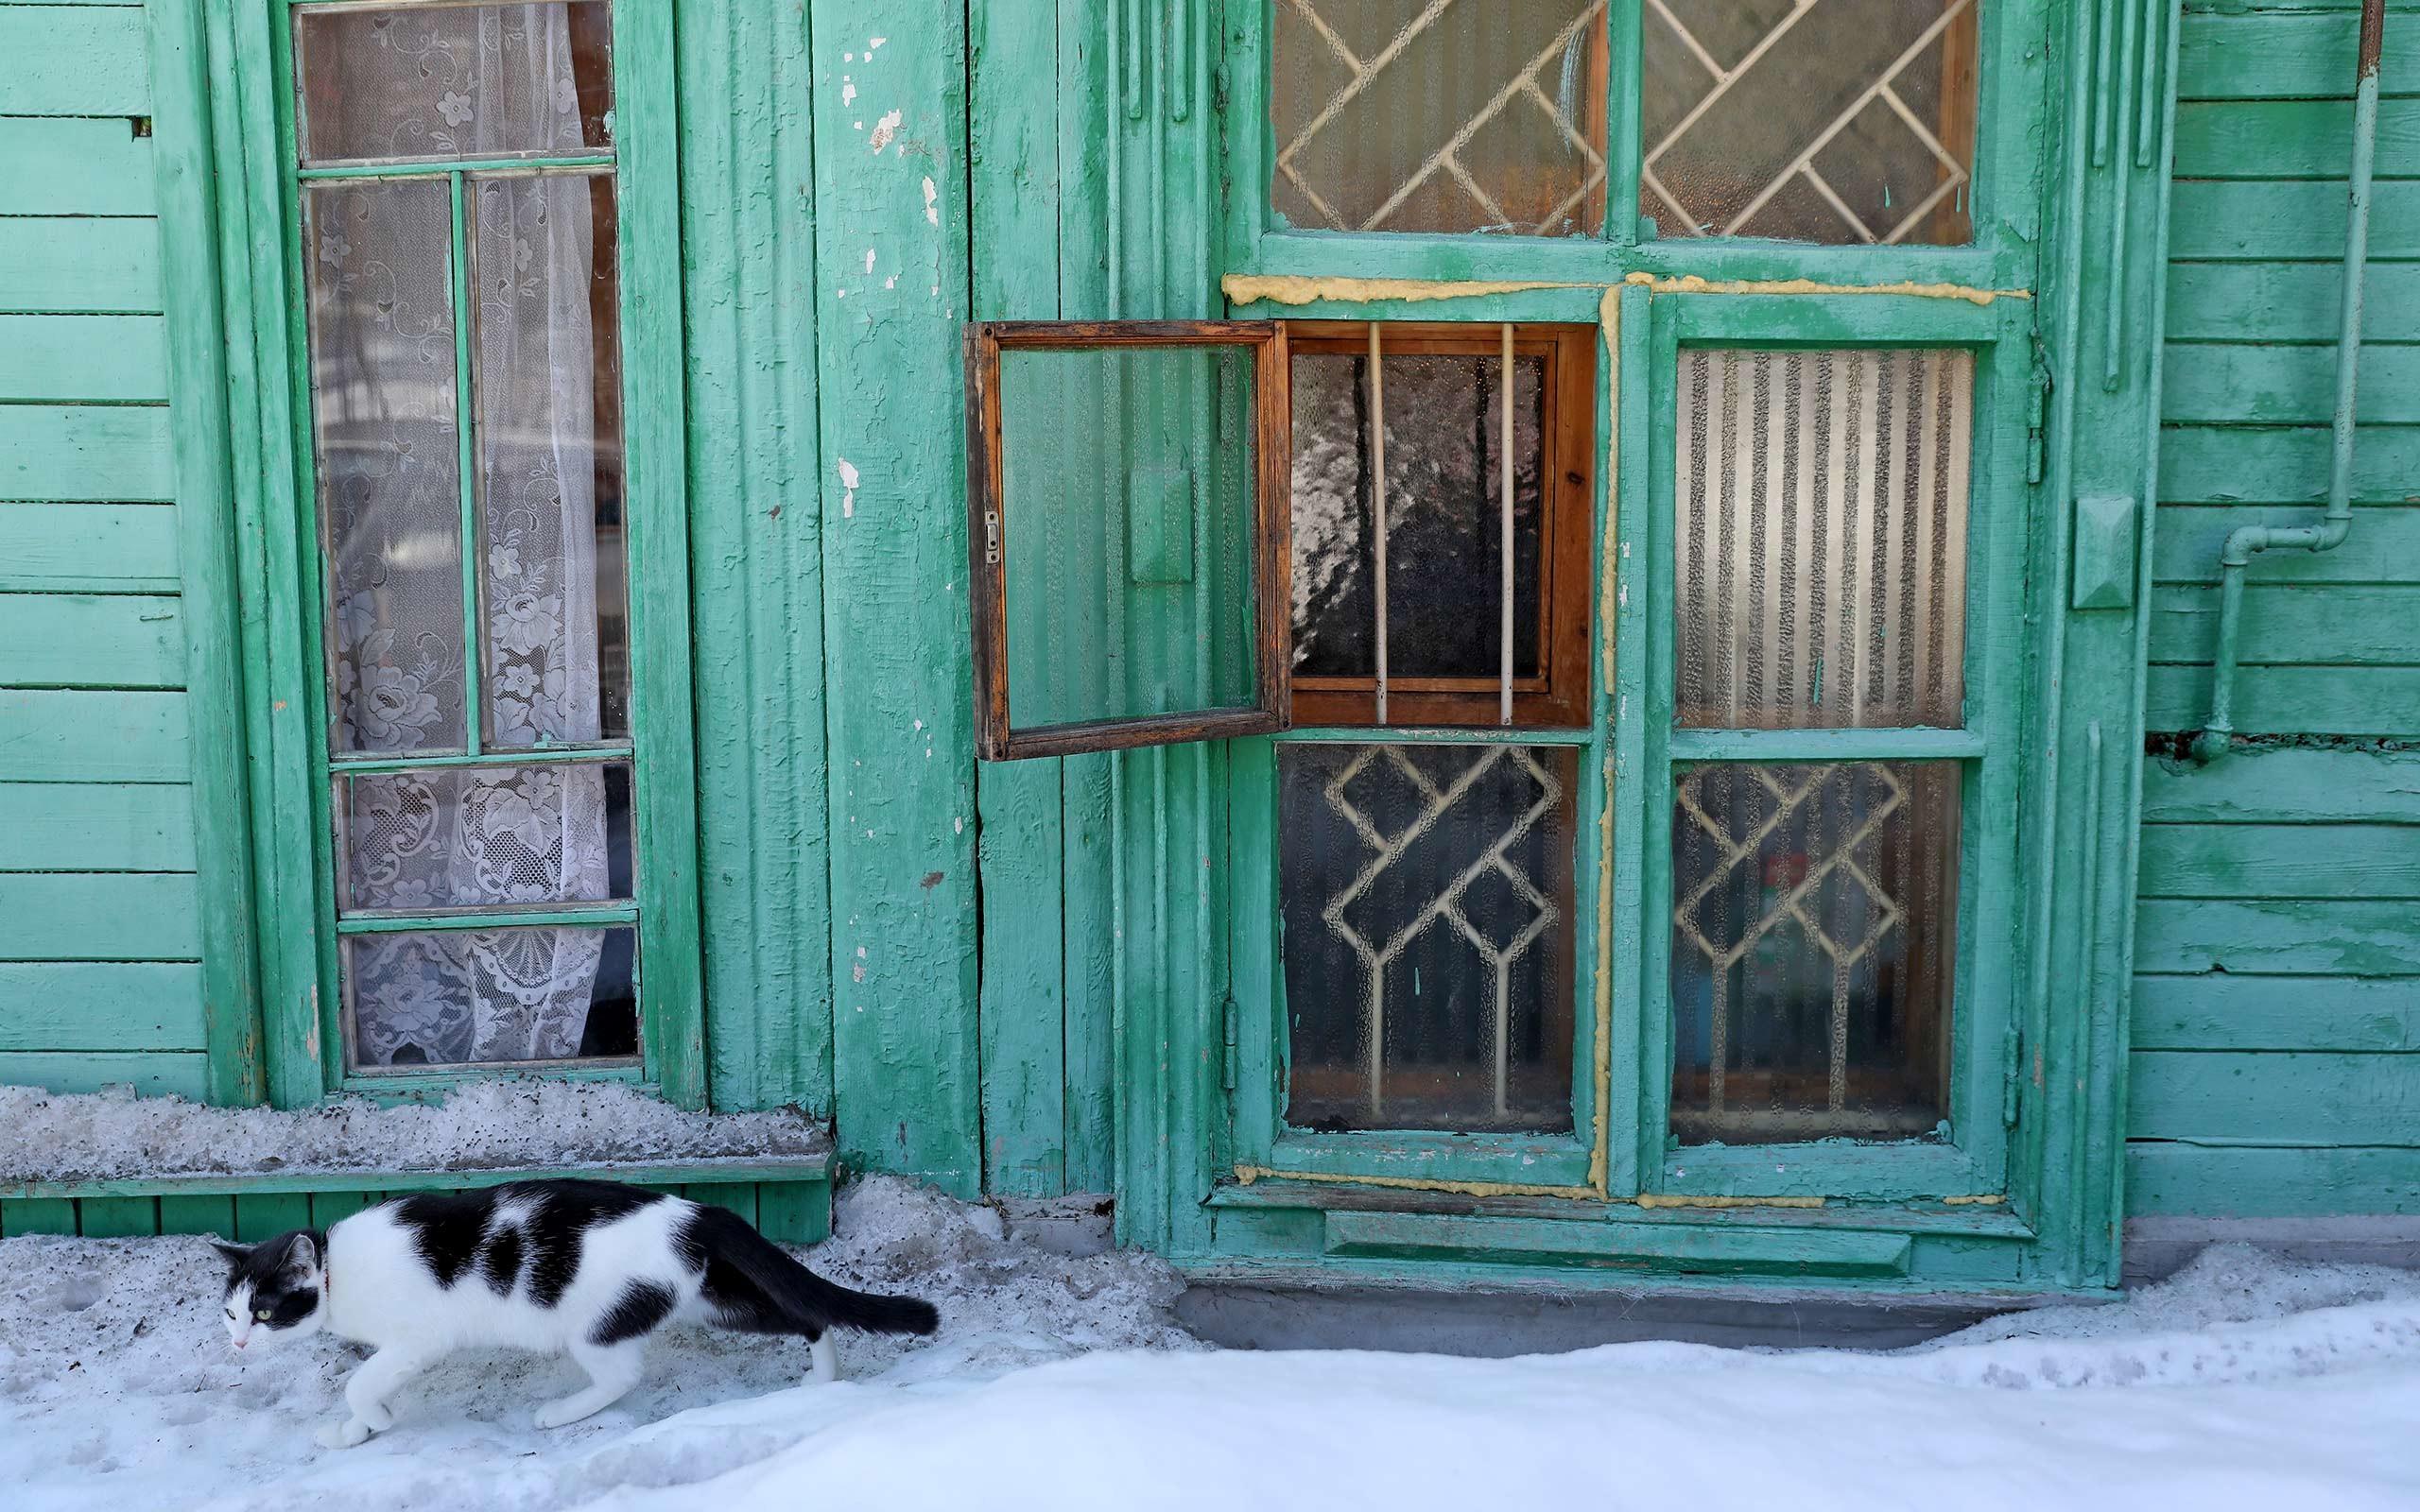 Фото: © L!FE/Калантаров Эмин